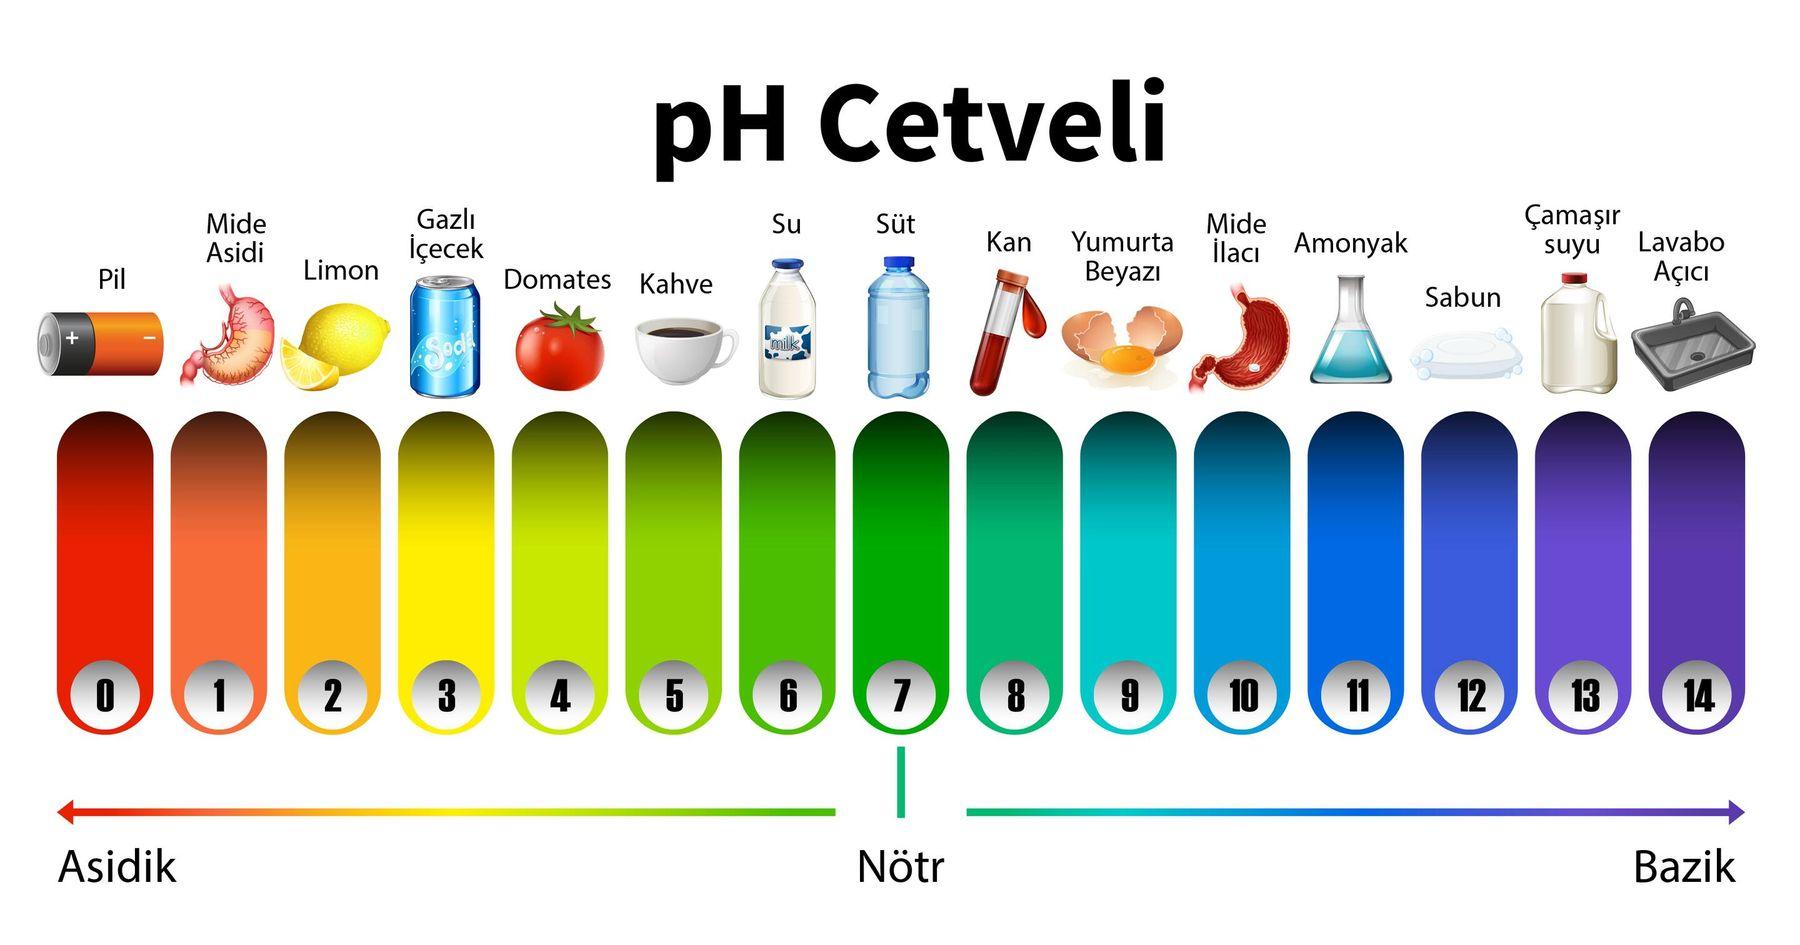 Günlük tükettiğimiz ürünler pH derecelerinde 0'a yaklaştıkça asidik, 14'e yaklaştıkça bazik özellik kazanıyor.